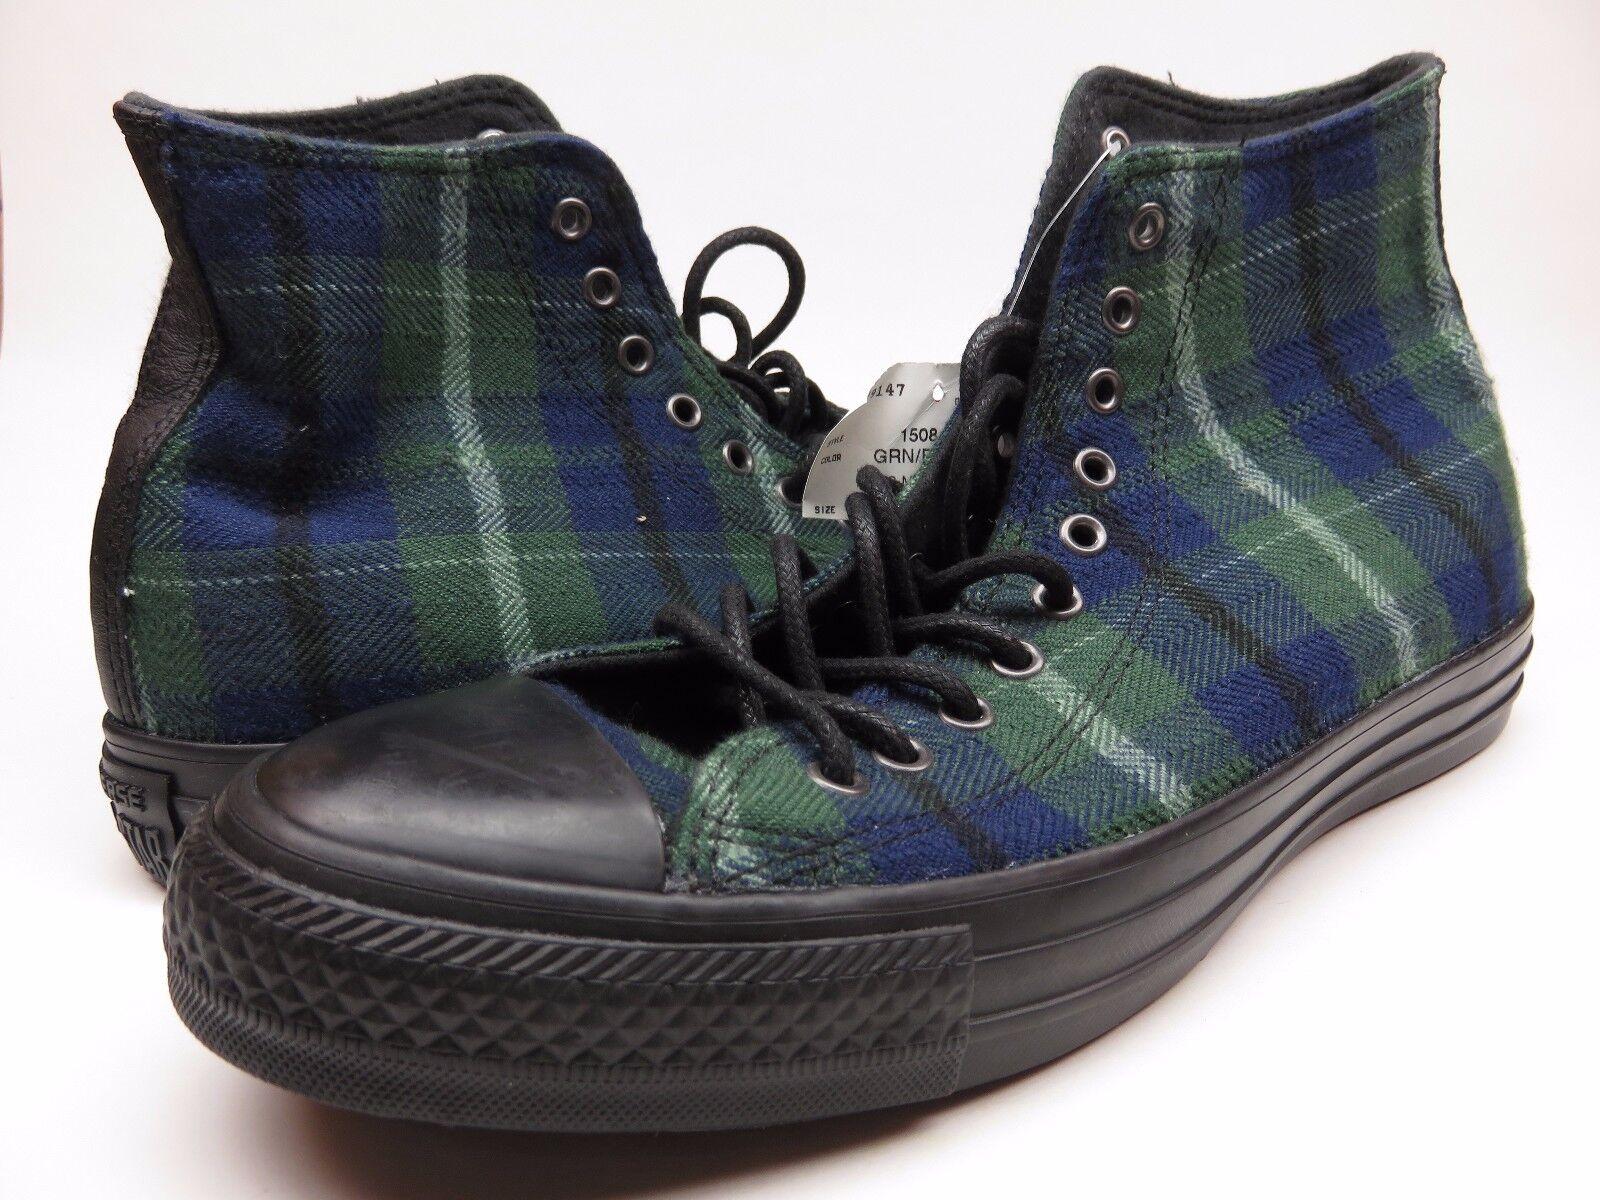 Converse All Star Verde/Azul nuevo a Cuadros Chuck Taylor's nuevo Verde/Azul Alto Top Zapatos c95d97